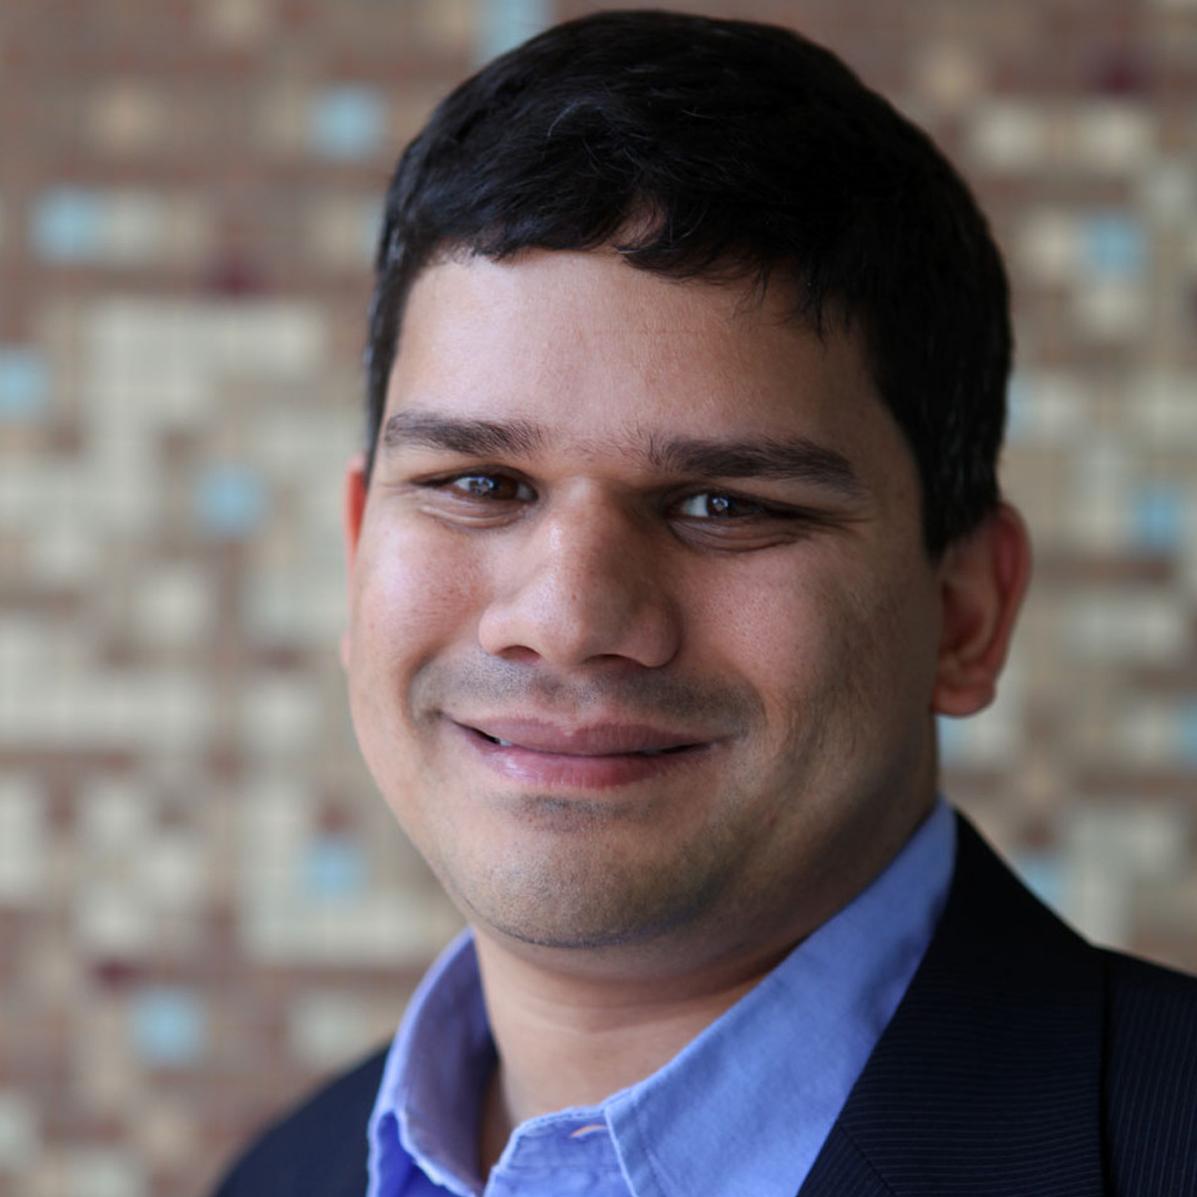 Amip Shah